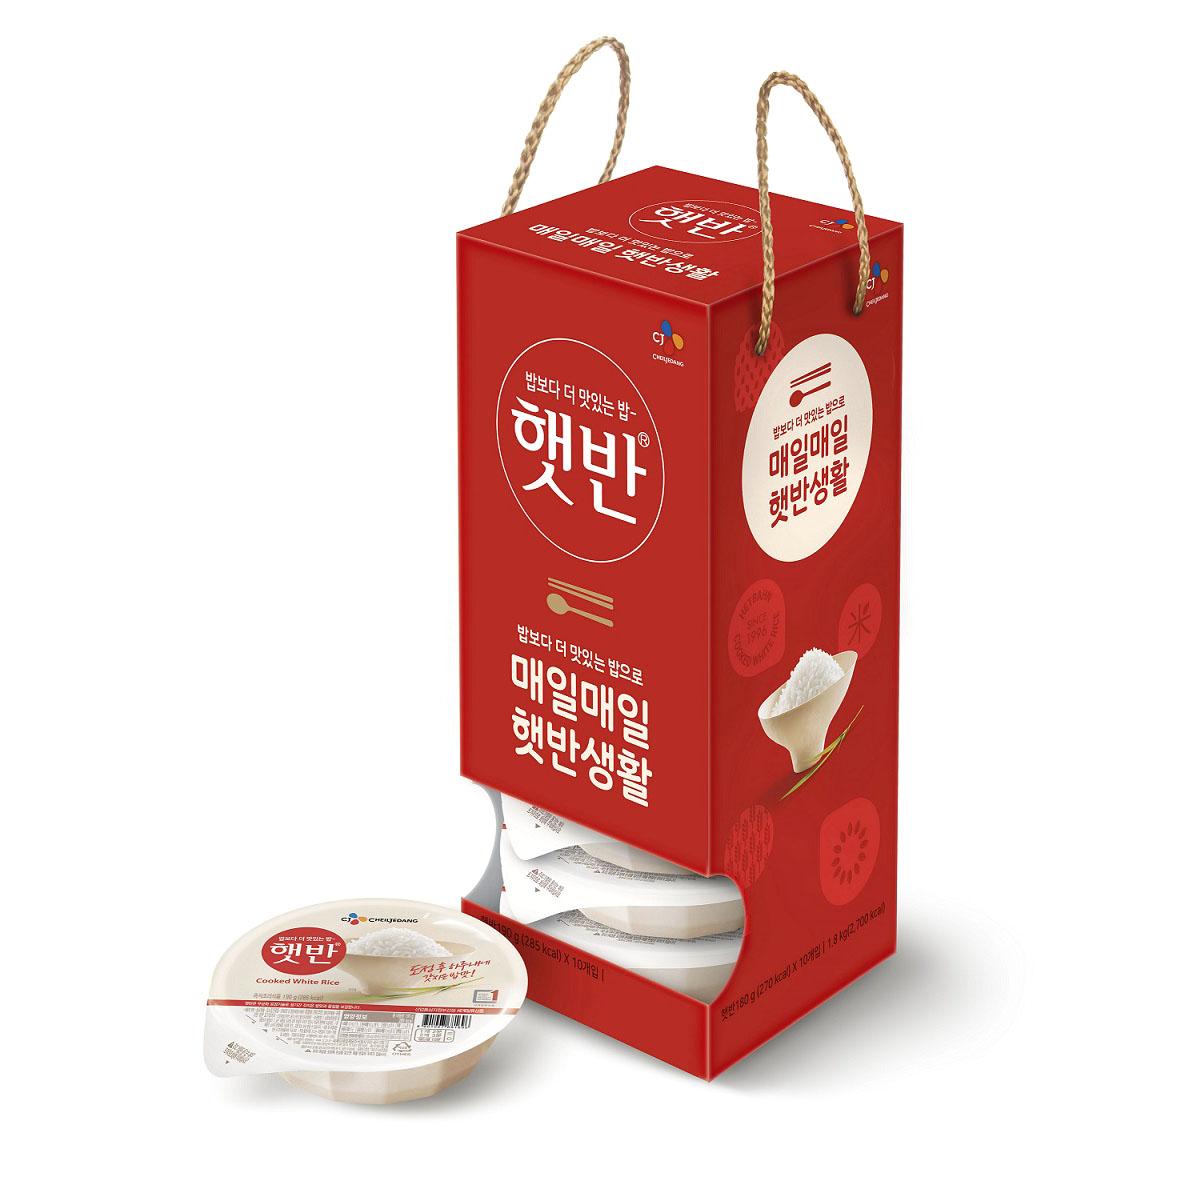 햇반 매일 백미 즉석밥 박스, 180g, 10개